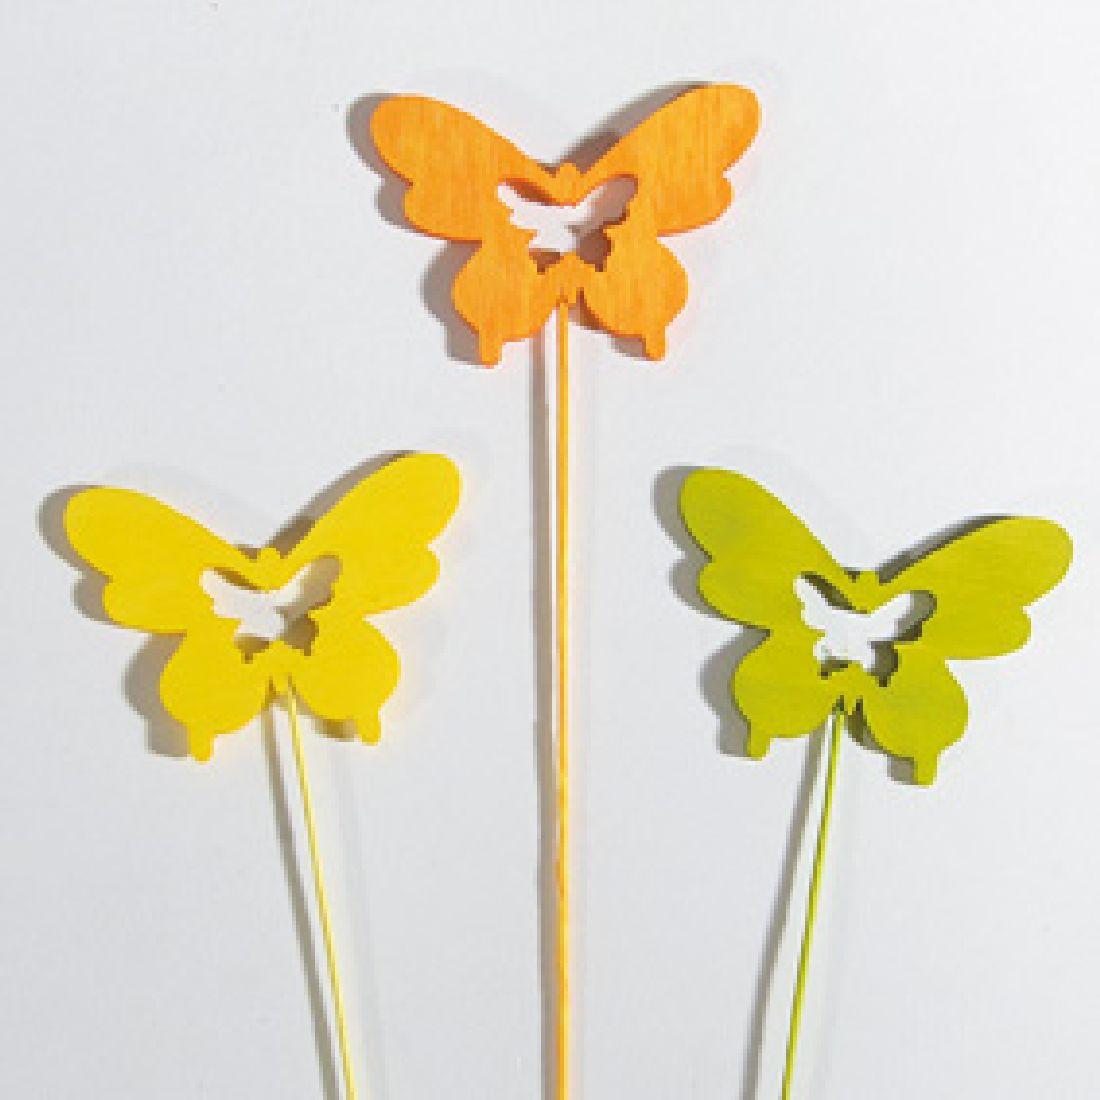 Schmetterling Woody ORANGE-GELB-GRÜN 34844 Stecker 6cm Holz